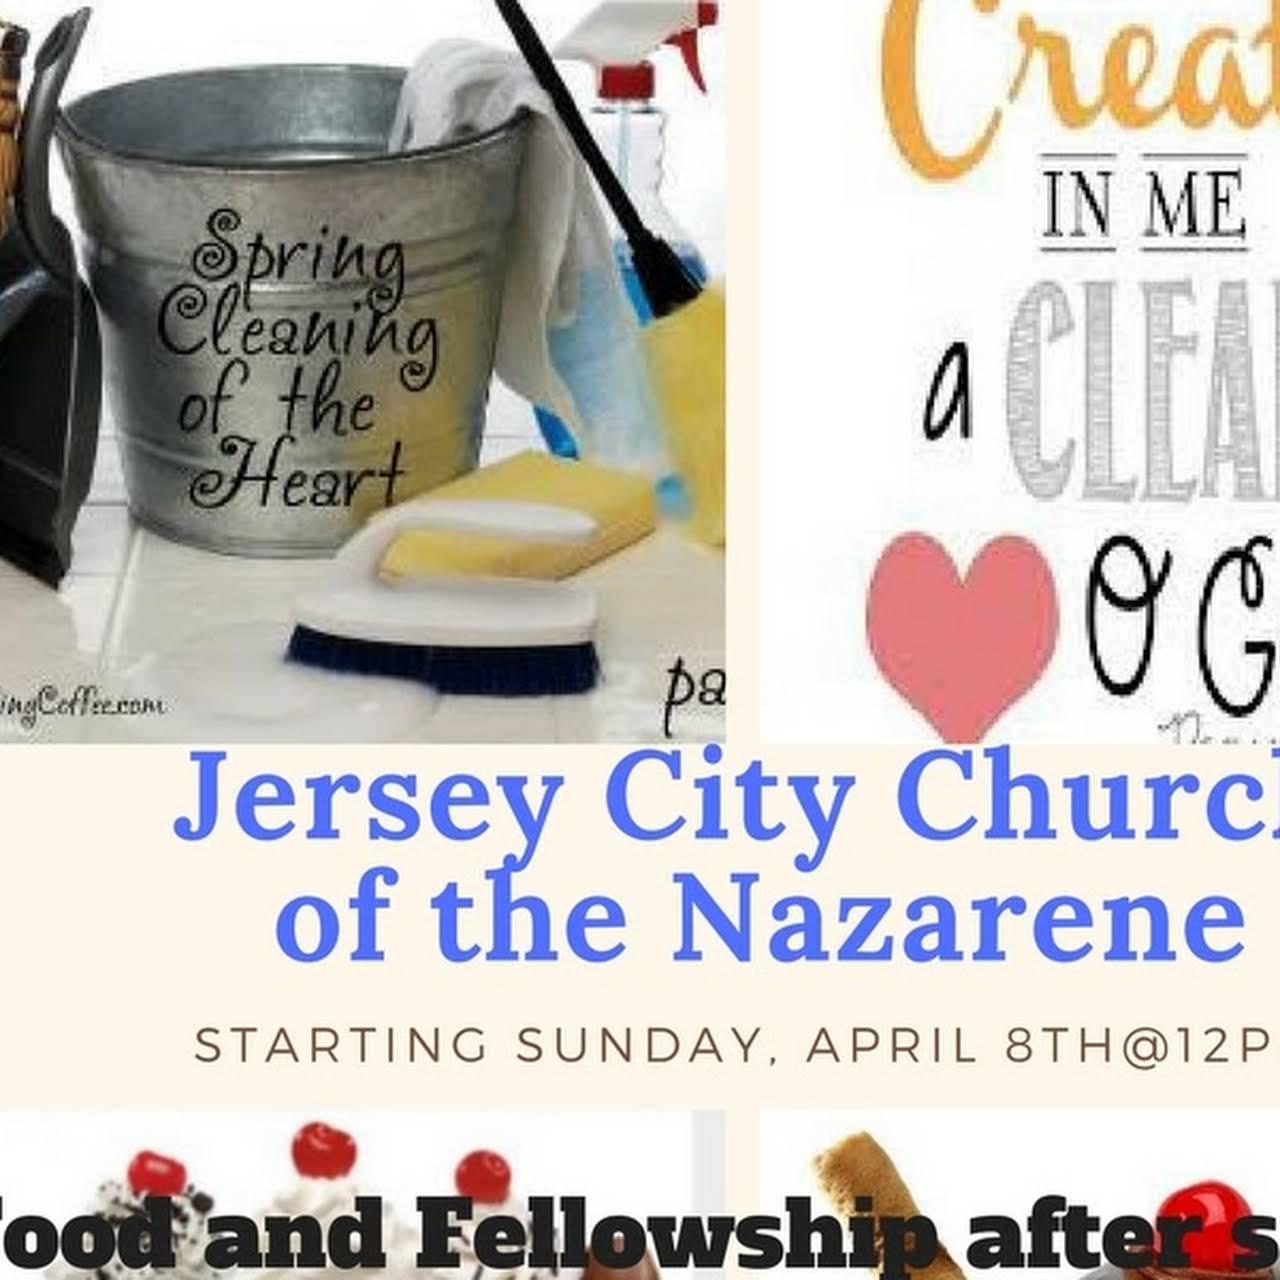 Jersey City Church-Nazarene - Know God, Love God, Serve God